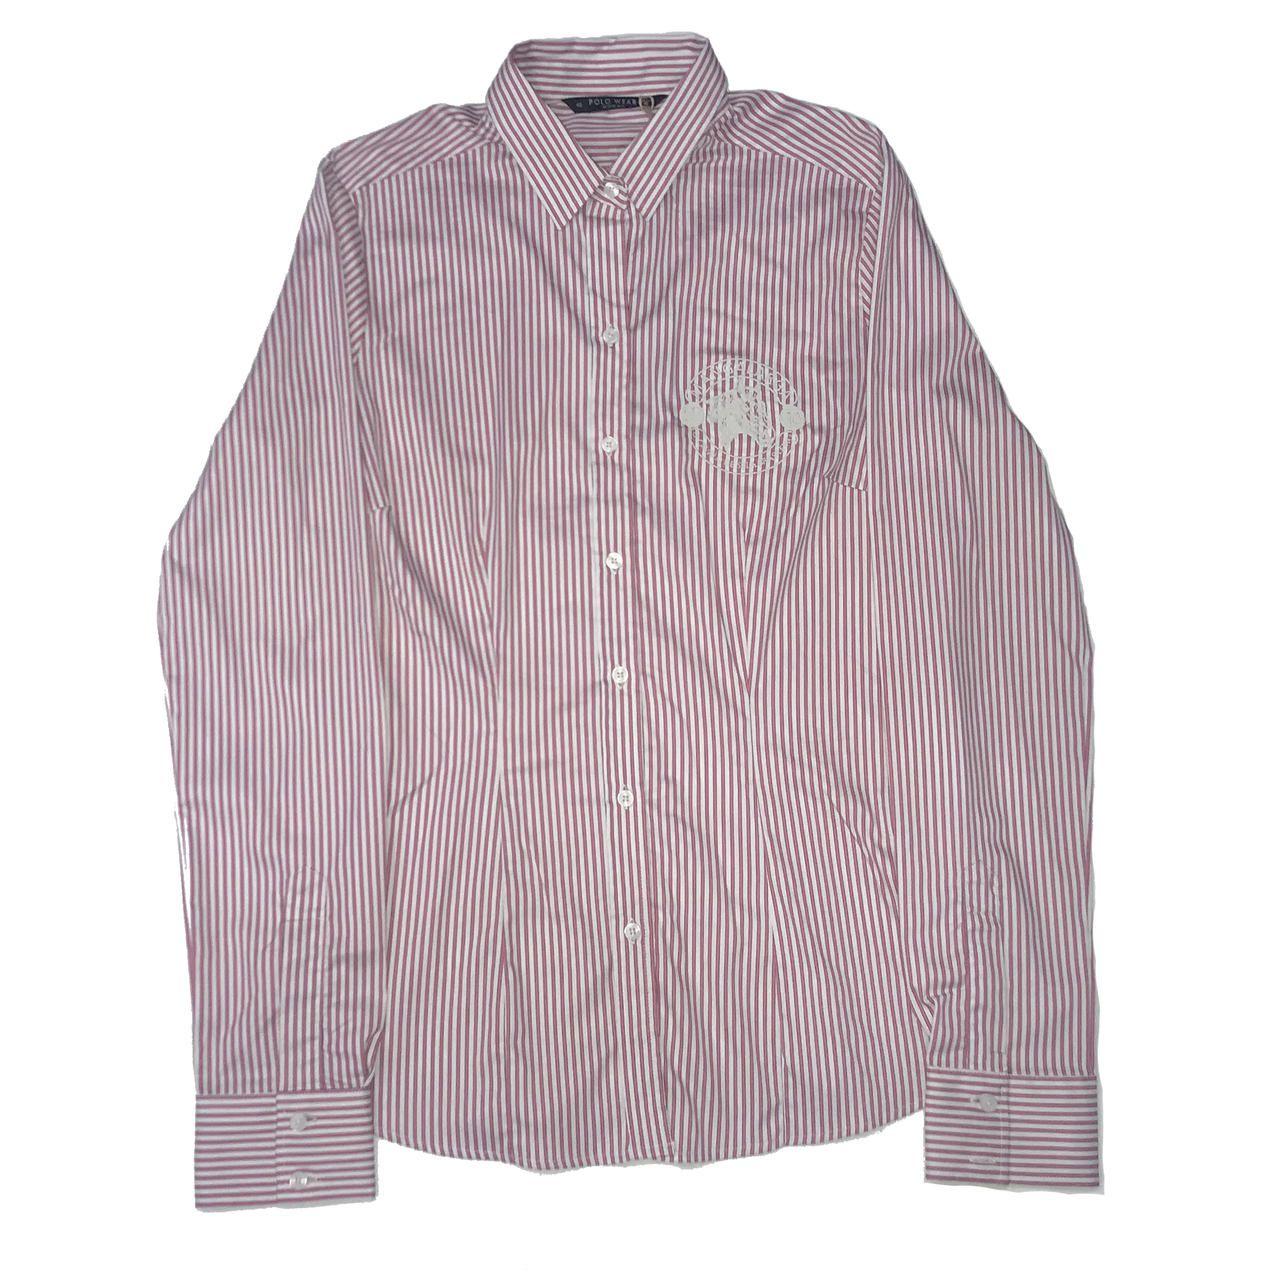 Camisa Top Premium Feminina  - Boutique Mangalarga